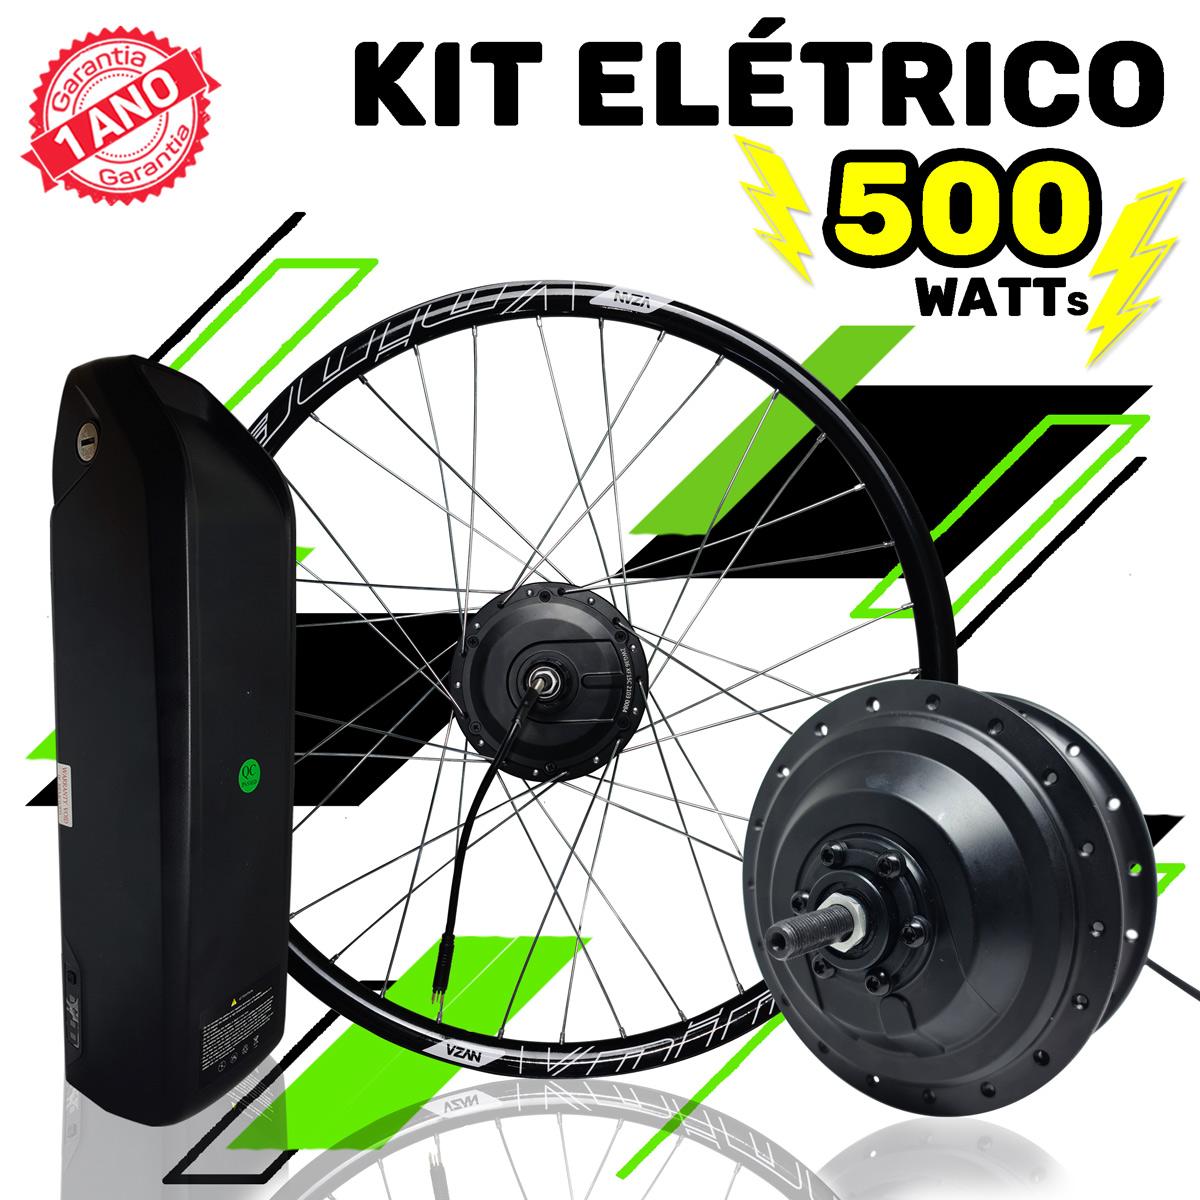 Kit Elétrico para Bicicleta - TecBike - 500 Watts 36V